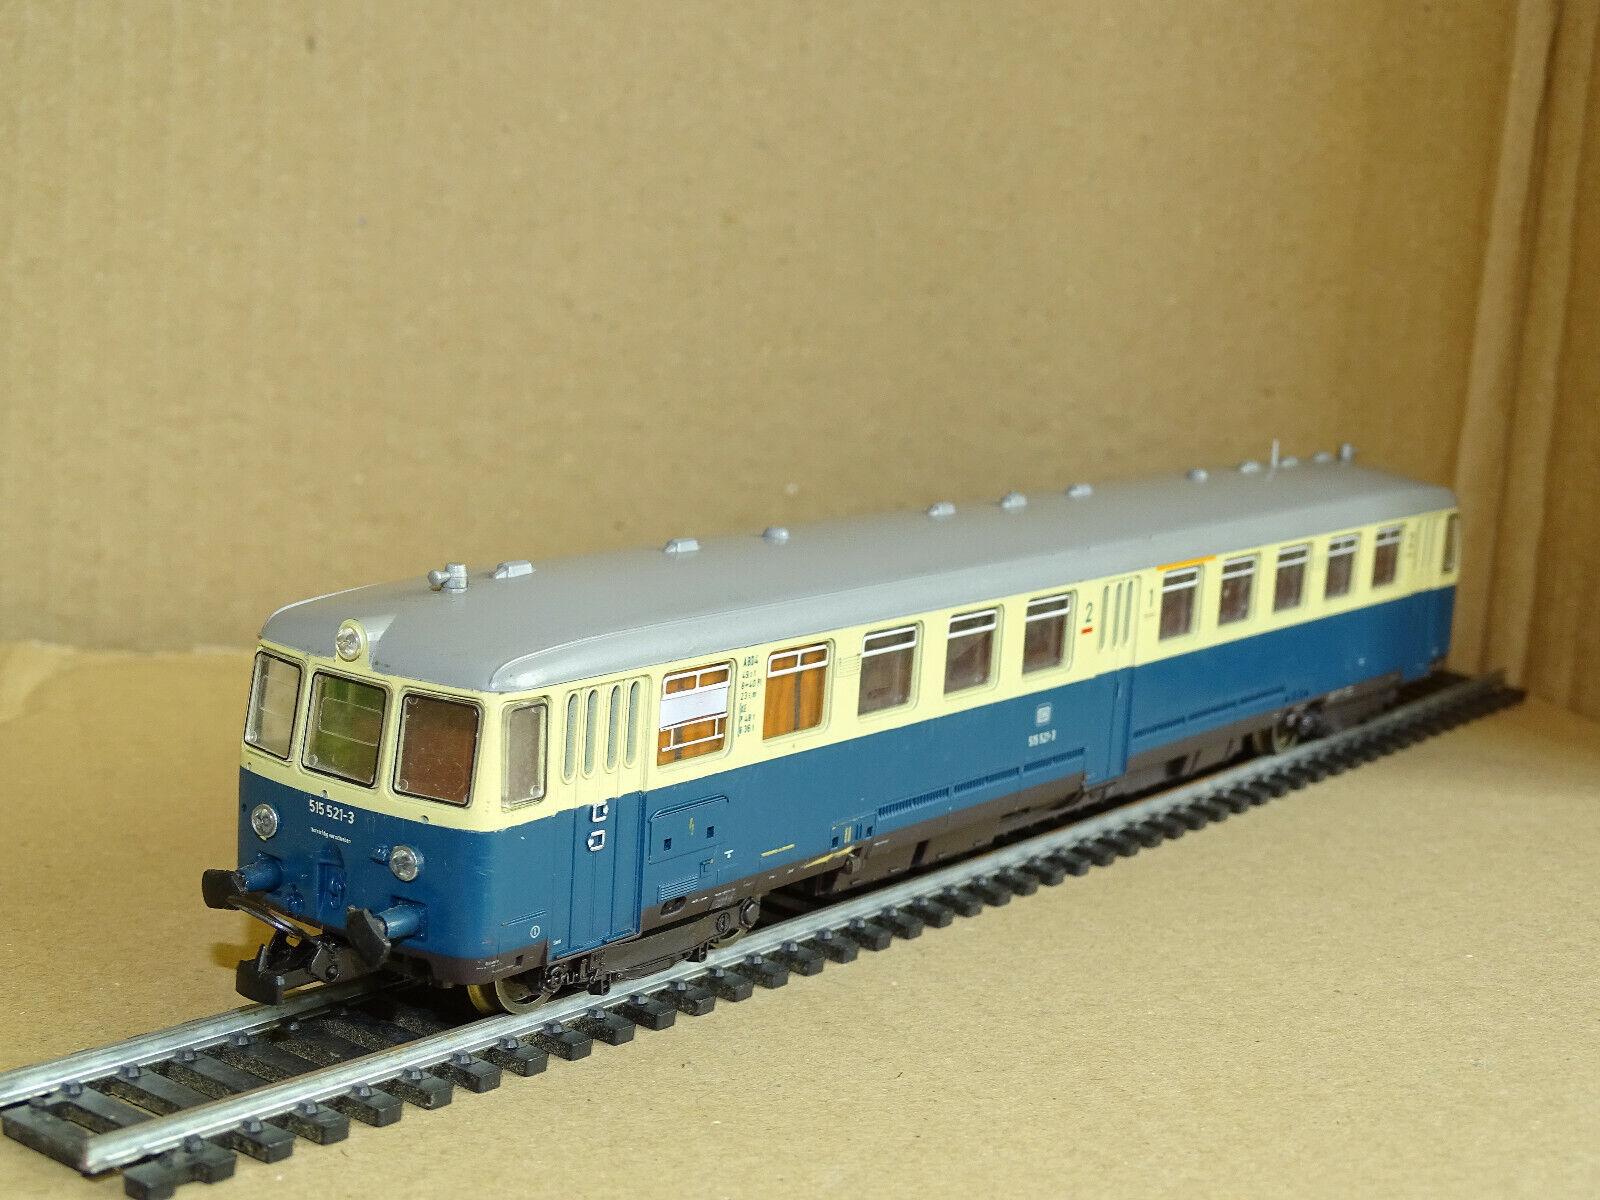 LIMA H0 201214 DB BR 515 521-3 521-3 521-3 Akku-Triebwagen Bundesbahn Ep. IV gut erhalten  | Charmantes Design  0239c2